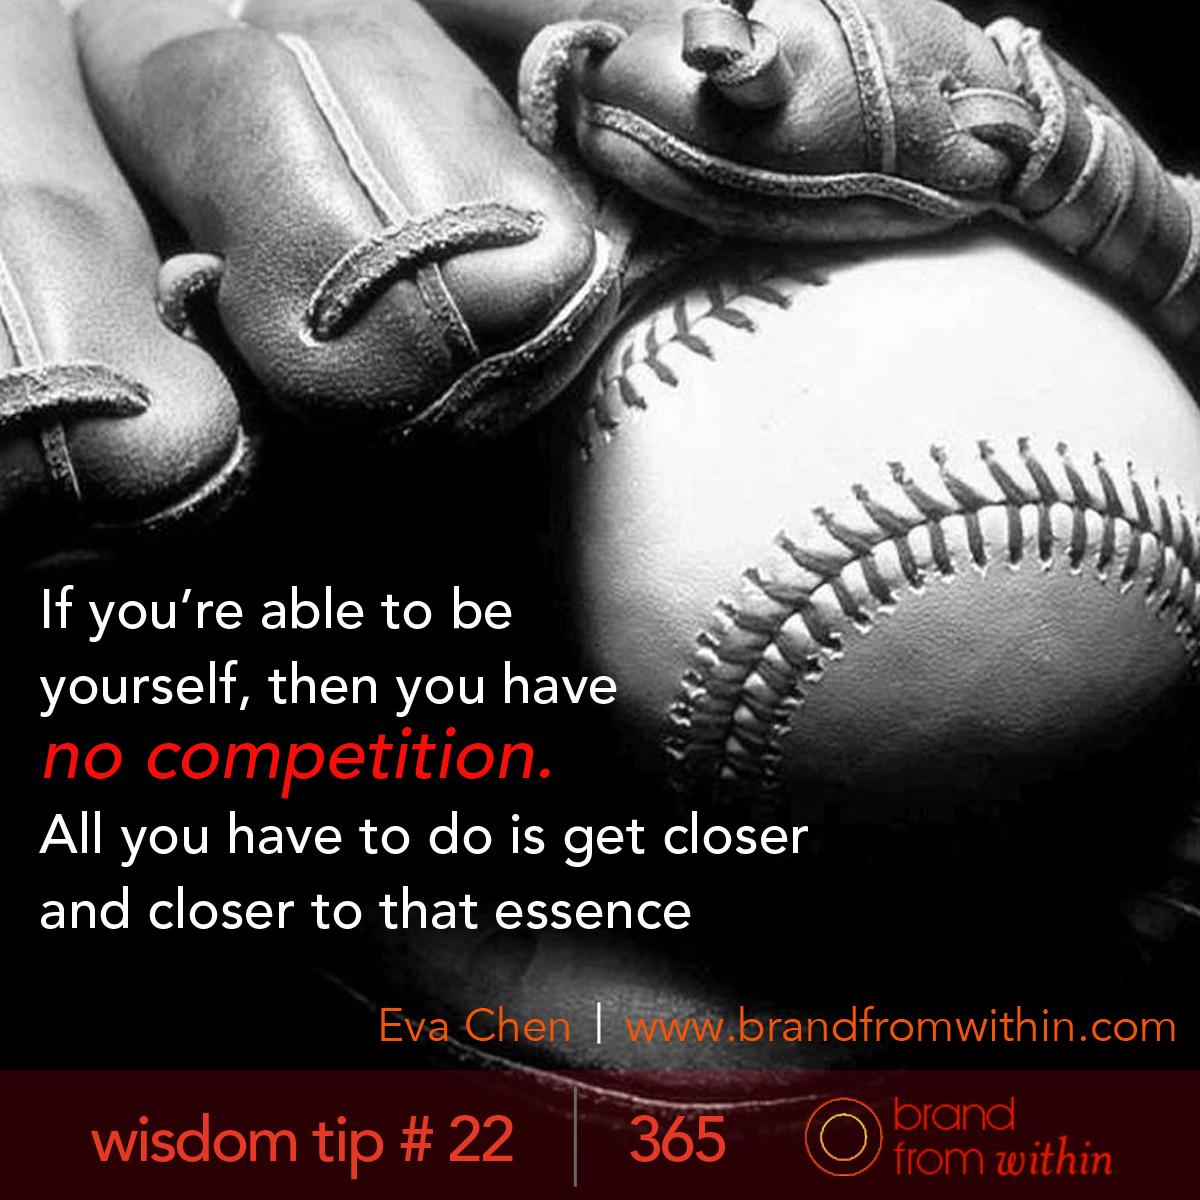 DAY 22 WISDOM TIP